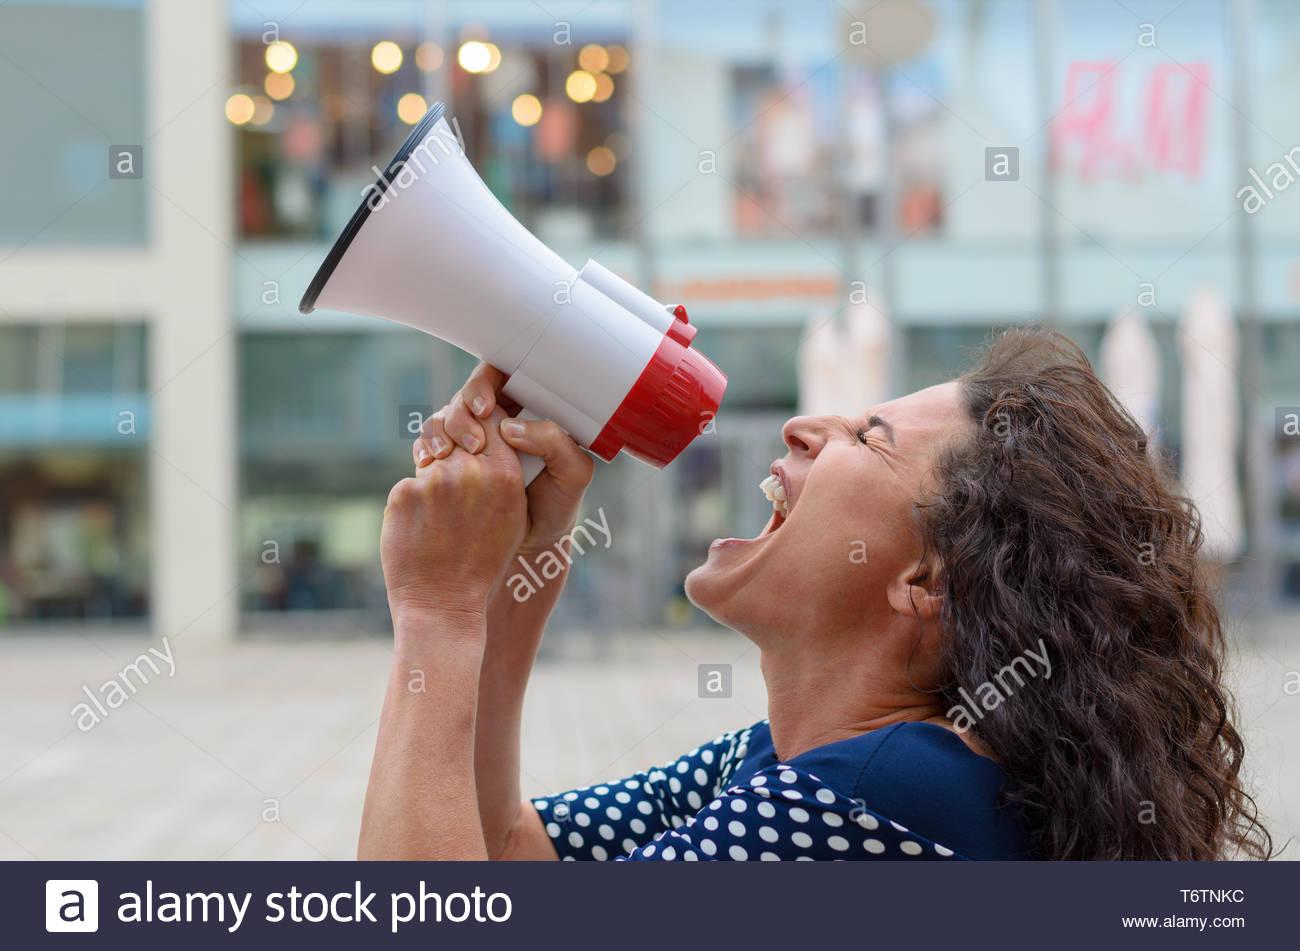 Junge Frau Demonstrant in ein Megaphon riefen Stockbild